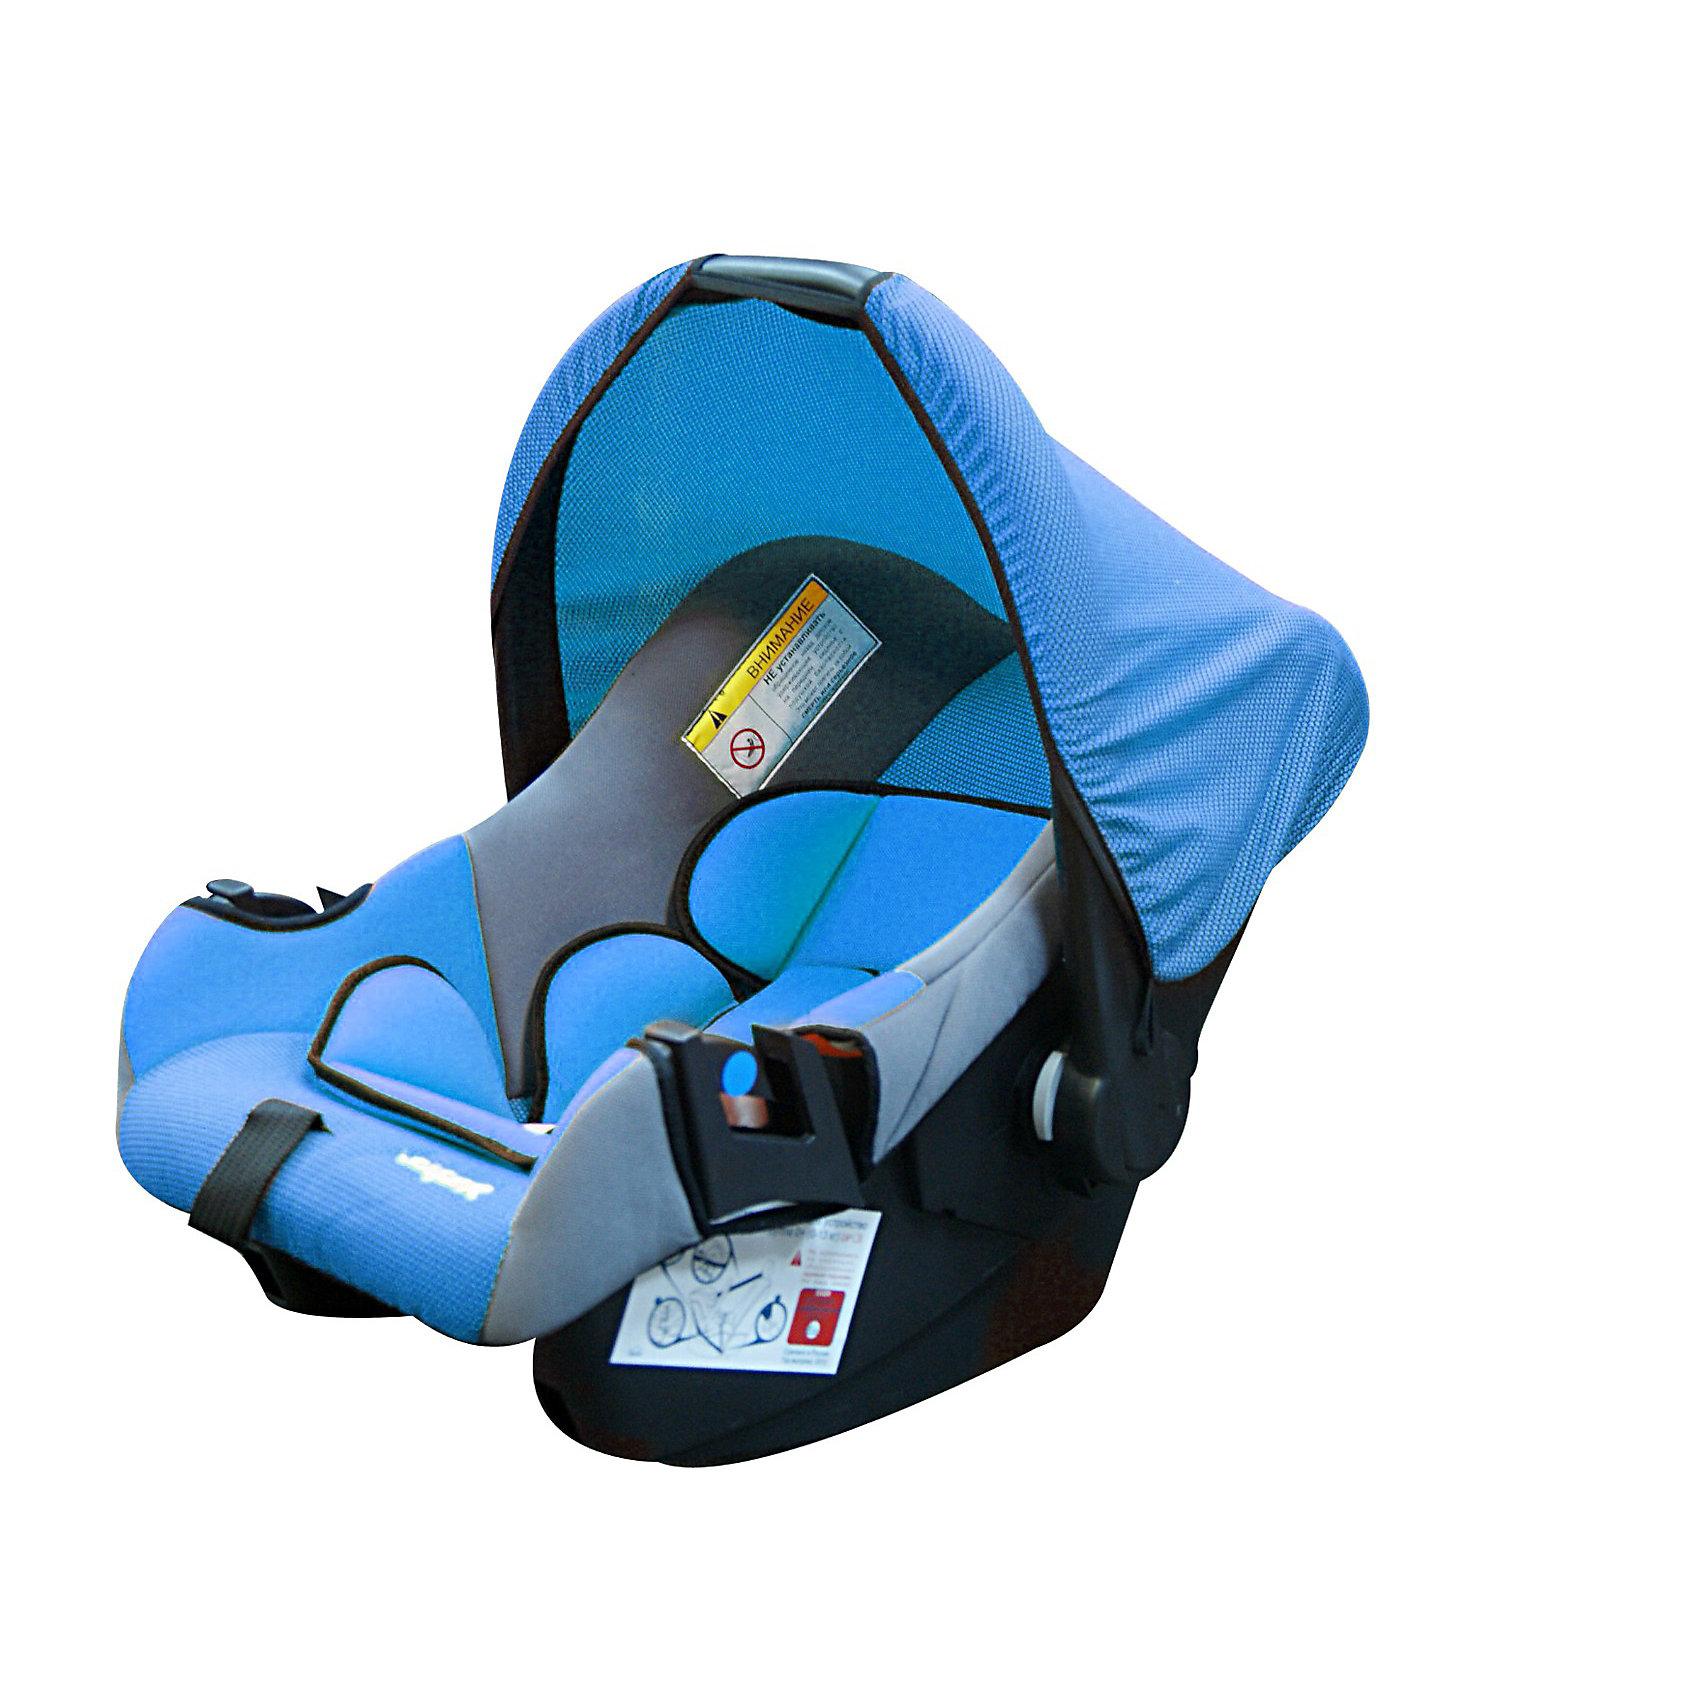 Автокресло Эгида Люкс, 0-13 кг., SIGER, синийДетское автомобильное  кресло  SIGER Эгида Люкс.<br>Подходит для детей весом от 0 до 13 килограмма. Возрастная группа с рождения до 1,5 лет.<br><br>Дополнительная информация:<br><br>- специальные амортизирующие вставки из гигиенического пенополиуретана;<br>- удобная ручка с возможностью фиксации в 4 положениях;<br>- замок ремней с мягкой накладкой и защитой от неправильного использования;<br>- возможность регулировки ремней по длине, высоте (3 положения) и глубине (2 положения);<br>- мягкий подголовник и вкладыш сиденья;<br>- широкие лямки ремней с мягкими наплечниками;<br>- козырек от солнца;<br>- усиленная боковая защита;<br>- цвет – синий.<br>- детское автокресло SIGER Эгида Люкс устанавливается на сидении автомобиля с помощью штатных ремней безопасности в положении - спиной вперед. Ребенок плотно пристегивается в кресле внутренними трехточечными ремнями. <br><br>Детское автомобильное кресло SIGER Эгида Люкс можно купить в нашем интернет-магазине.<br><br>Ширина мм: 670<br>Глубина мм: 450<br>Высота мм: 440<br>Вес г: 3000<br>Возраст от месяцев: 0<br>Возраст до месяцев: 18<br>Пол: Унисекс<br>Возраст: Детский<br>SKU: 3340367